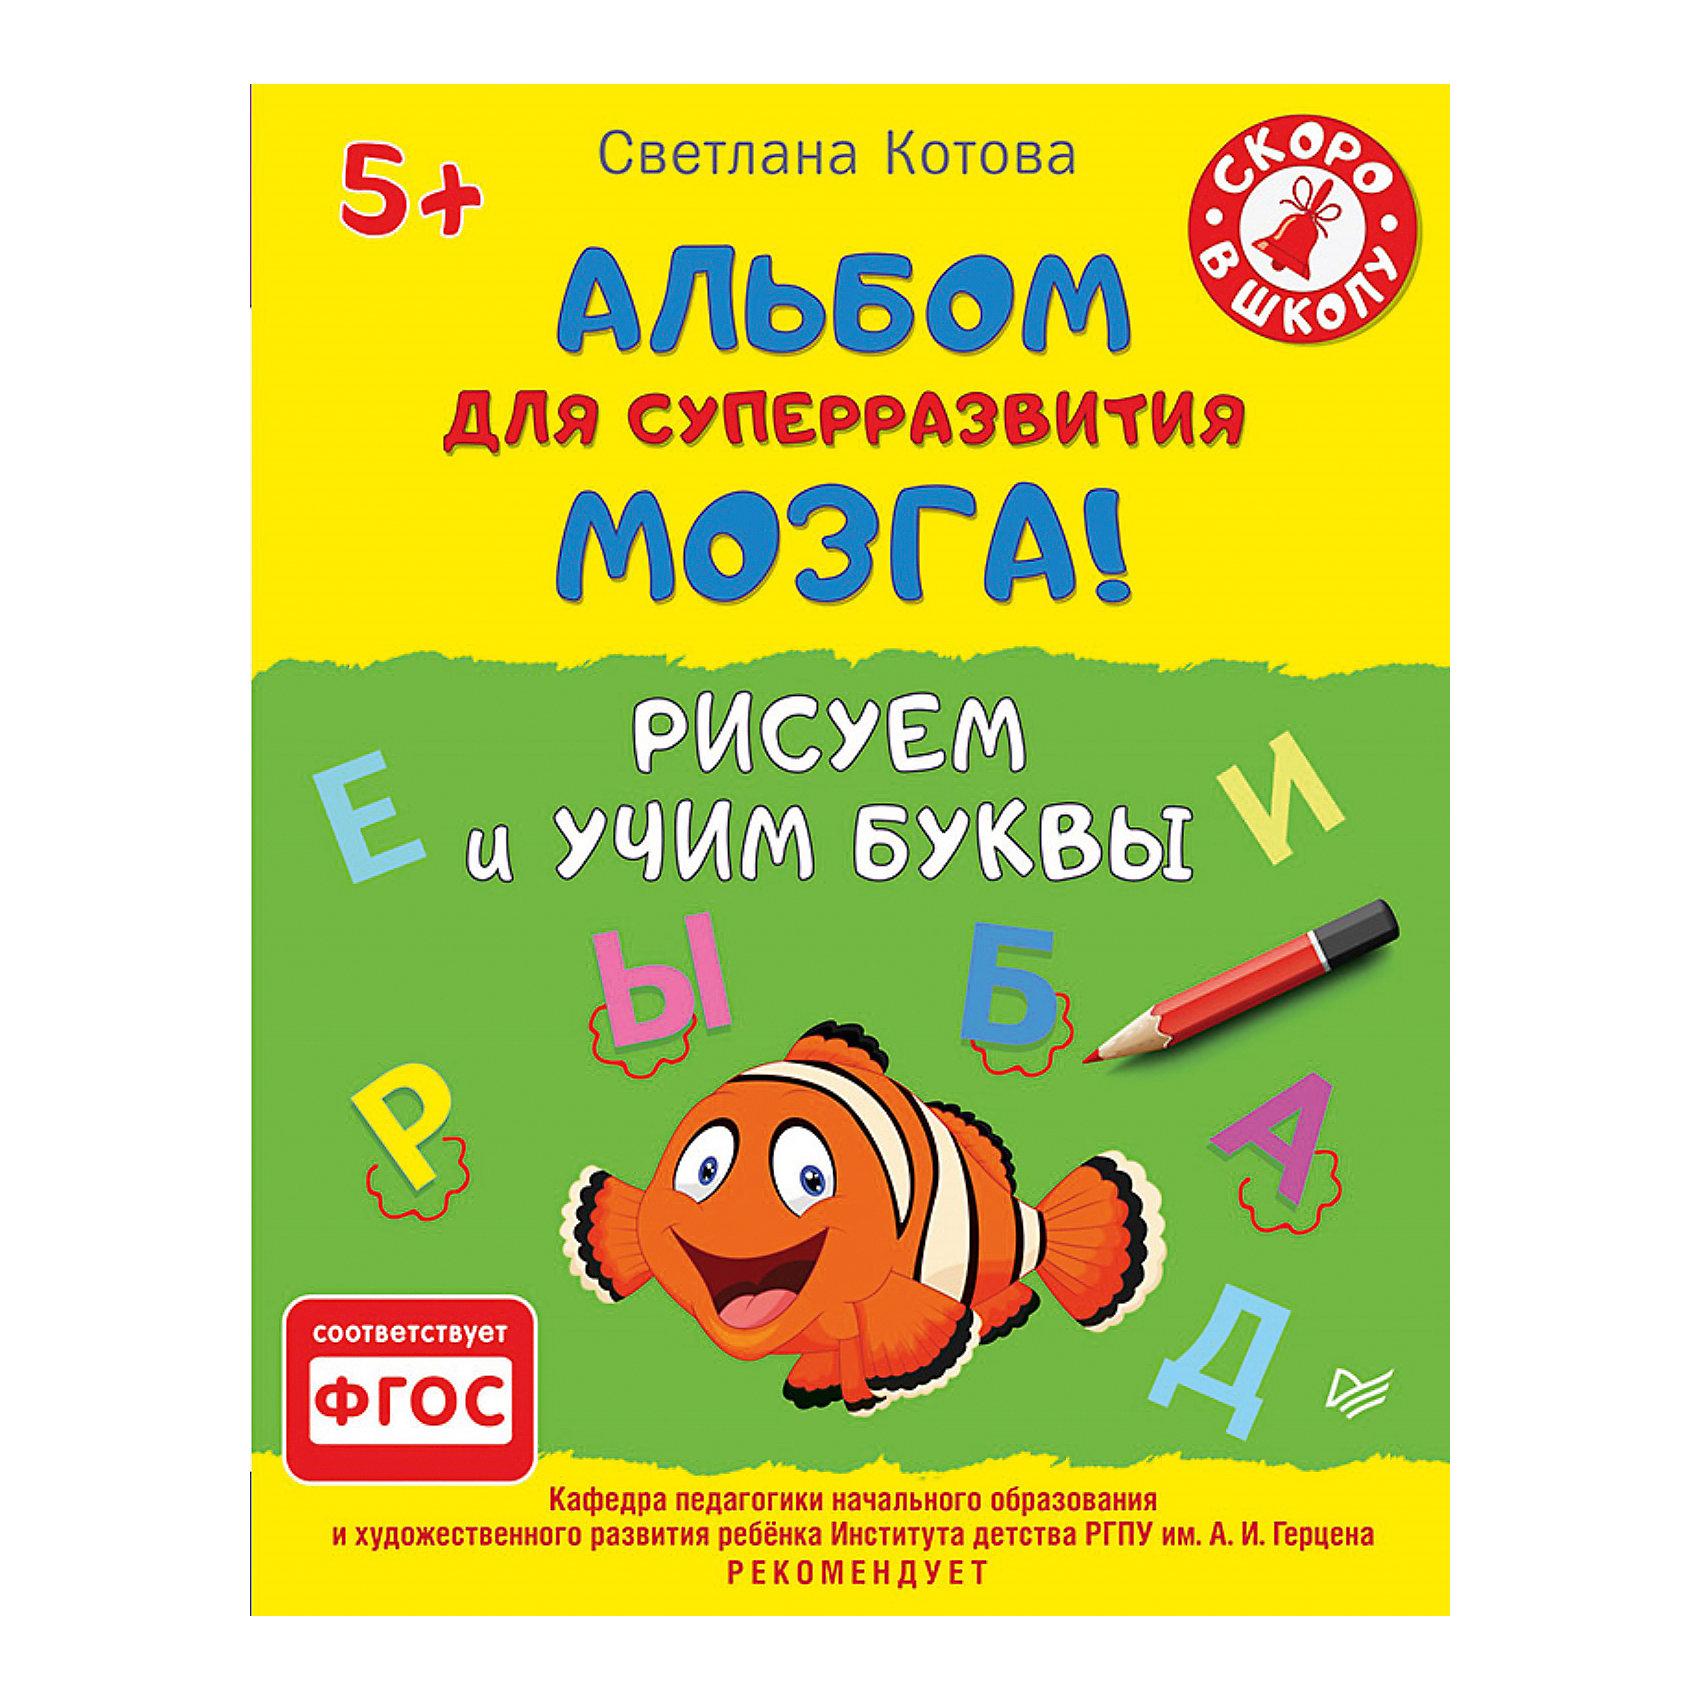 Рисуем и учим буквы 5+Азбуки<br>Перед вами уникальная книга, с помощью которой вы сможете легко и успешно подготовить ребенка к письму и чтению. Развитие устной и письменной речи не может происходить без овладения письмом и графическими навыками. Занимайтесь с ребенком, и он быстро и с удовольствием научится писать и выучит все буквы. Методика прекрасно подходит для работы с детьми, имеющими затруднения в формировании навыков письма и чтения (в том числе дислексия, алалия).<br><br>Ширина мм: 252<br>Глубина мм: 195<br>Высота мм: 3<br>Вес г: 147<br>Возраст от месяцев: 60<br>Возраст до месяцев: 84<br>Пол: Унисекс<br>Возраст: Детский<br>SKU: 5018097